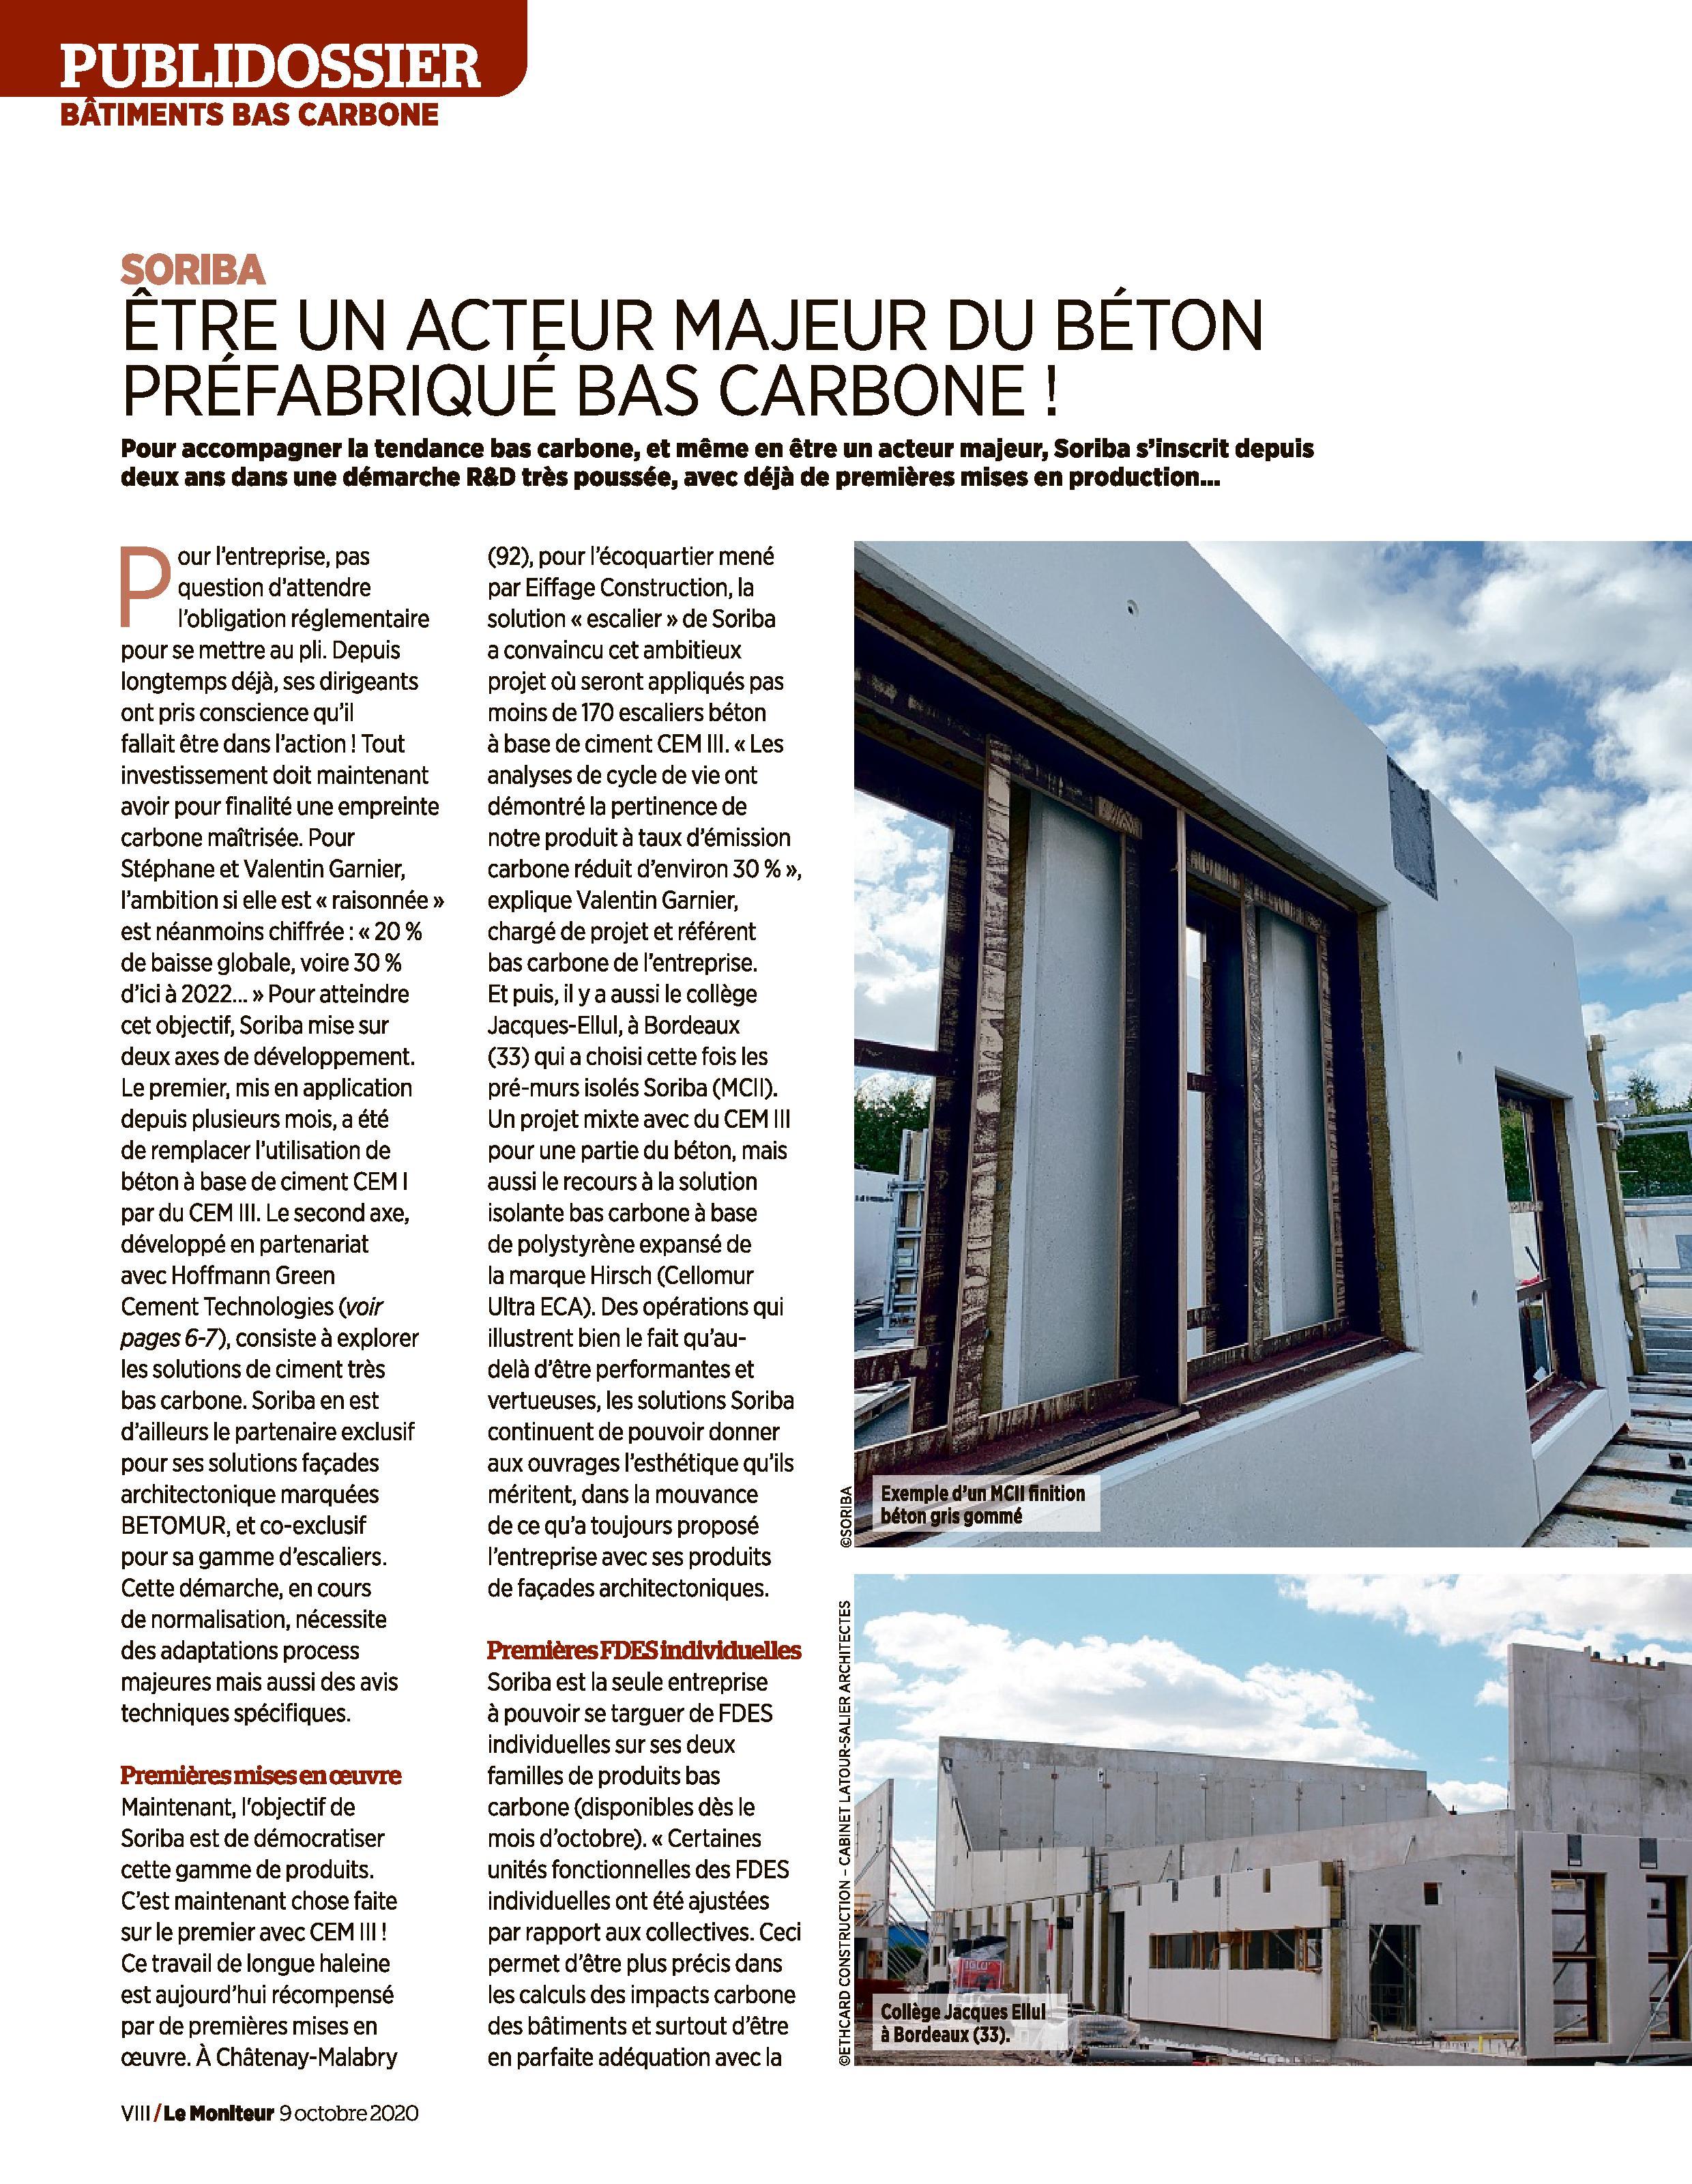 Article Le Moniteur - Publidossier du 09.10.2020 page 1